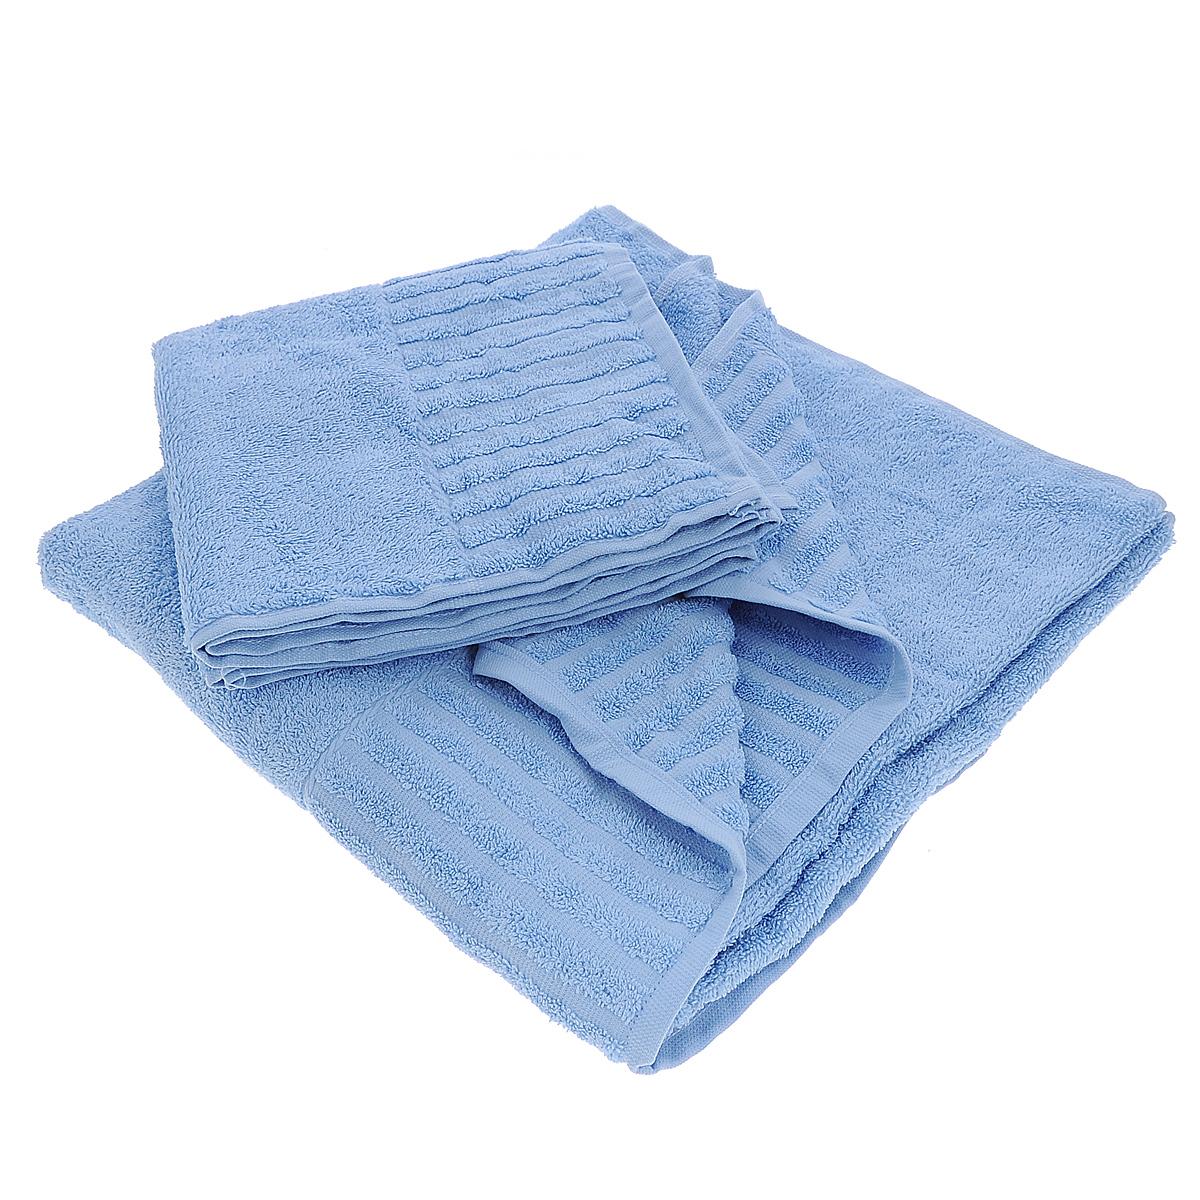 Набор махровых полотенец Bonita, цвет: голубой, 2 шт10503Набор Bonita состоит из двух полотенец разного размера, выполненных из натурального хлопка. Такие полотенца отлично впитывают влагу, быстро сохнут, сохраняют яркость цвета и не теряют формы даже после многократных стирок. Полотенца очень практичны и неприхотливы в уходе. Размер полотенец: 50 см х 90 см; 70 см х 140 см.